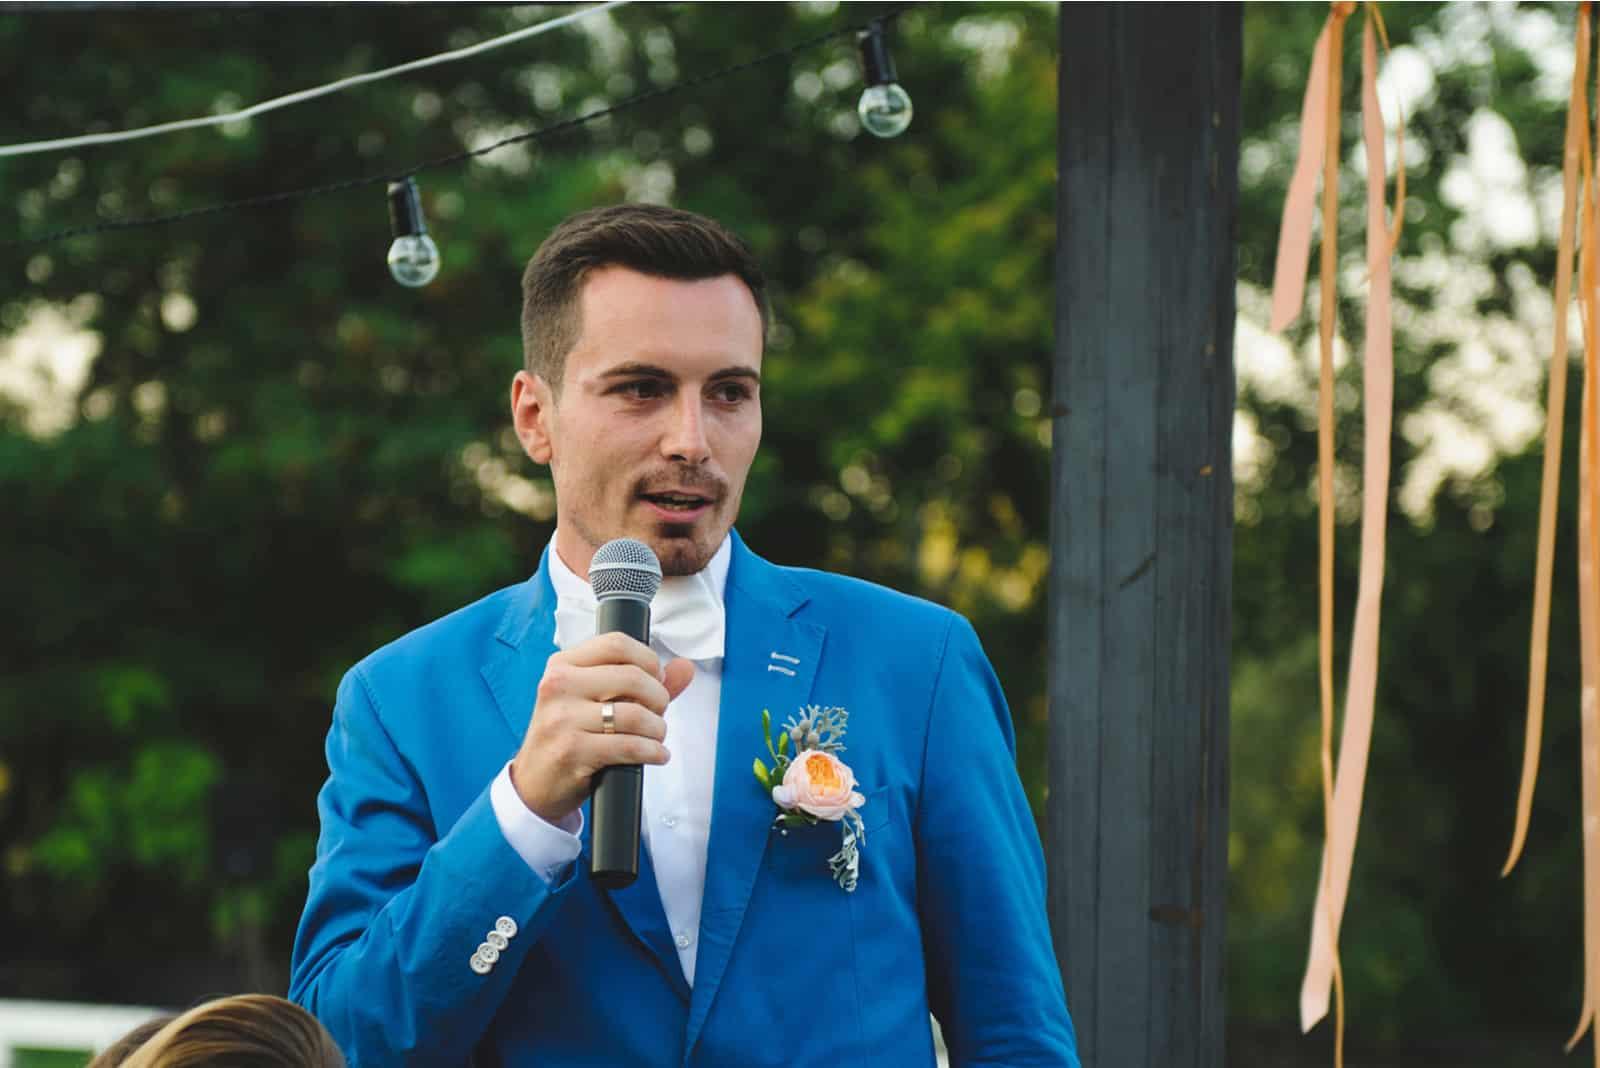 Bräutigam hält Mikrofon und spricht Sprache